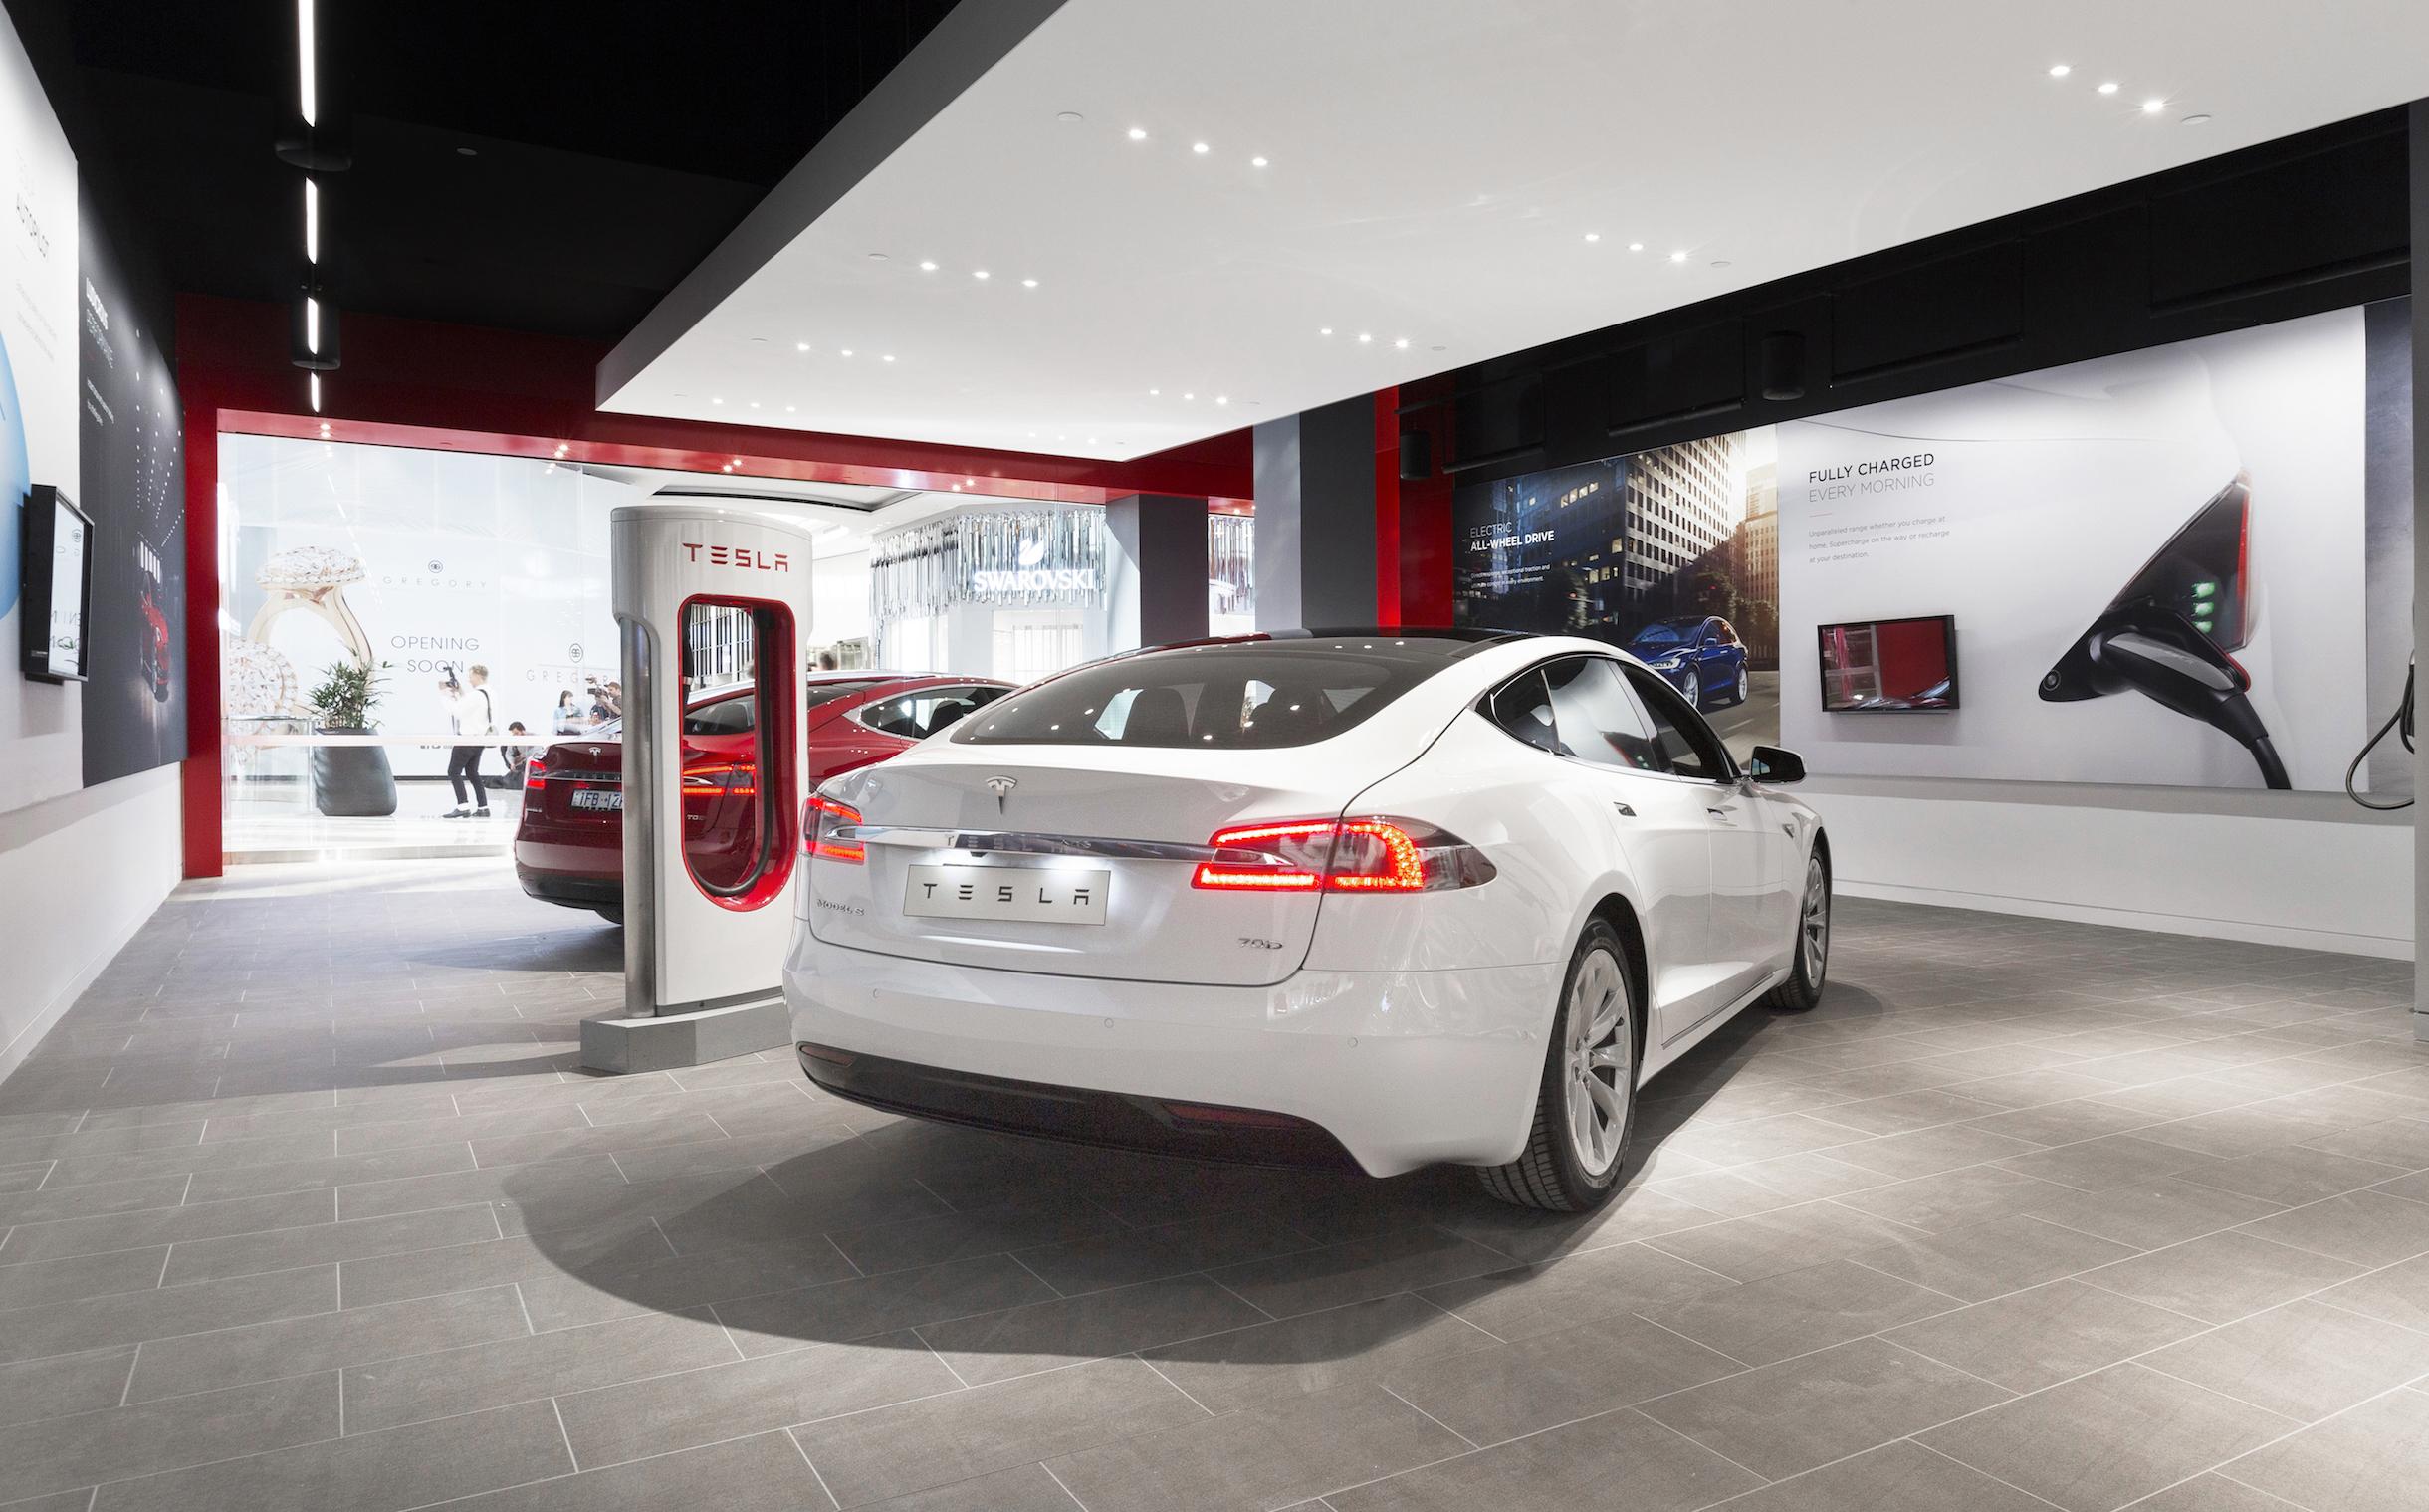 Tesla Model 3 vs 2018 Nissan Leaf - A side by side comparison